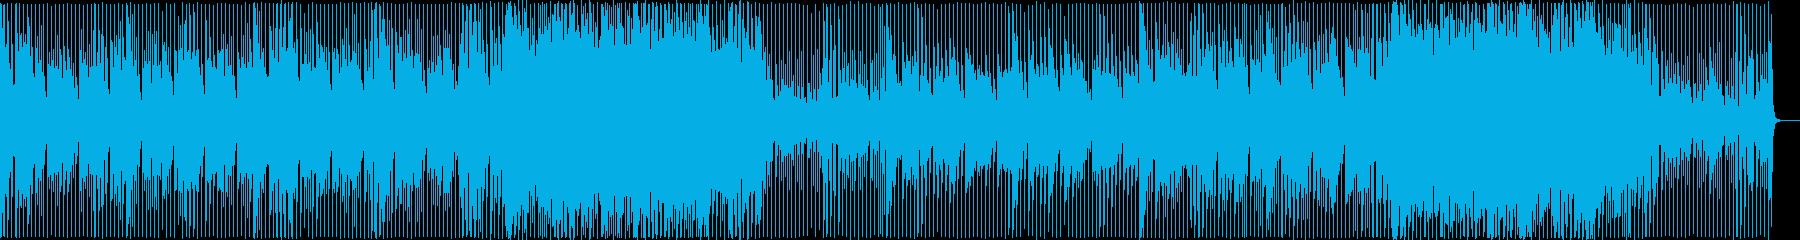 ポジティブなCM、企業VP向けBGMの再生済みの波形